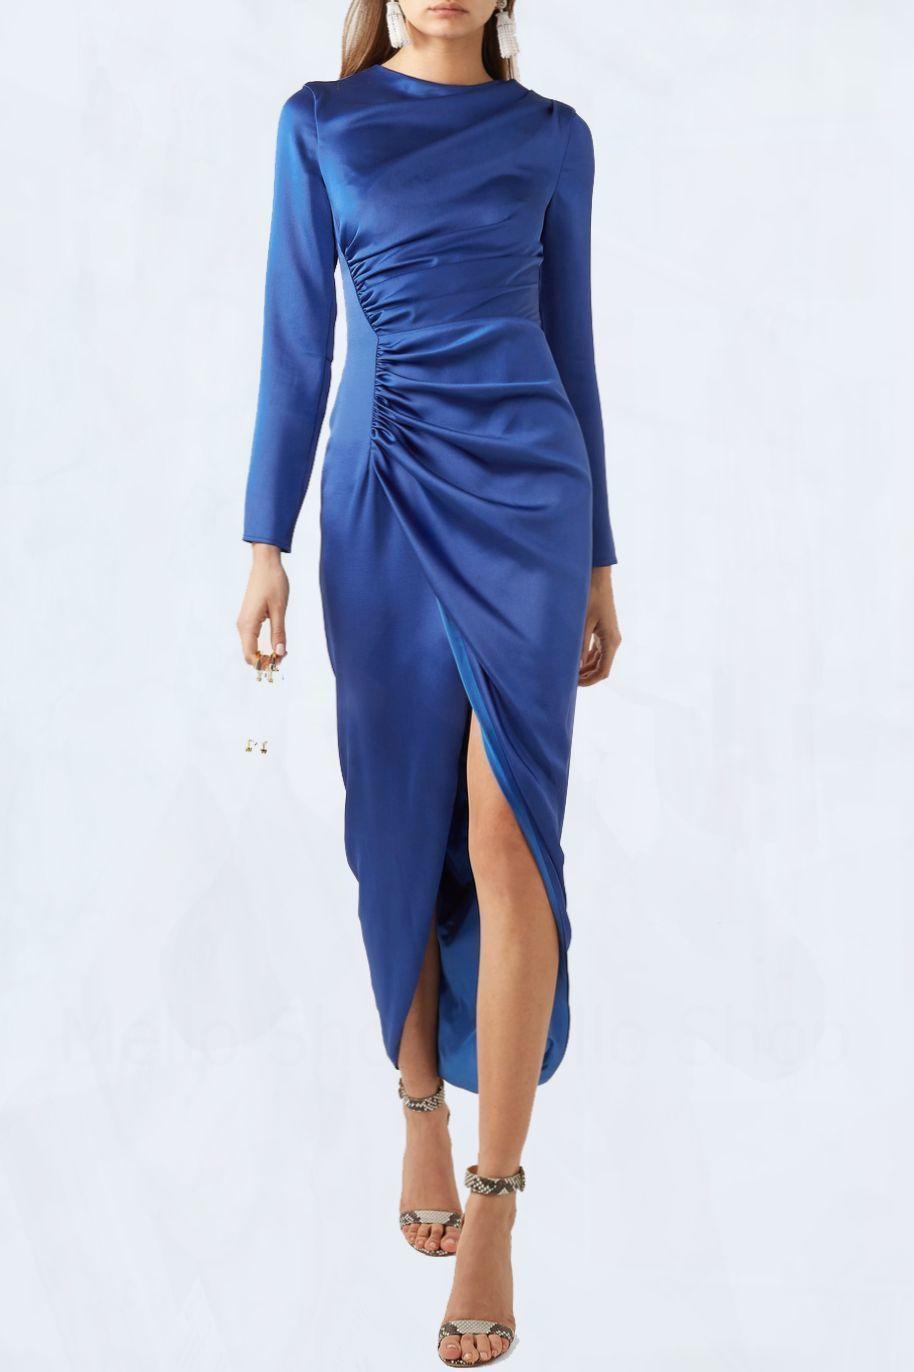 Платья ручной работы. Ярмарка Мастеров - ручная работа. Купить Красивое вечерне платье на работу, и на вечернее событие. Handmade. Платье